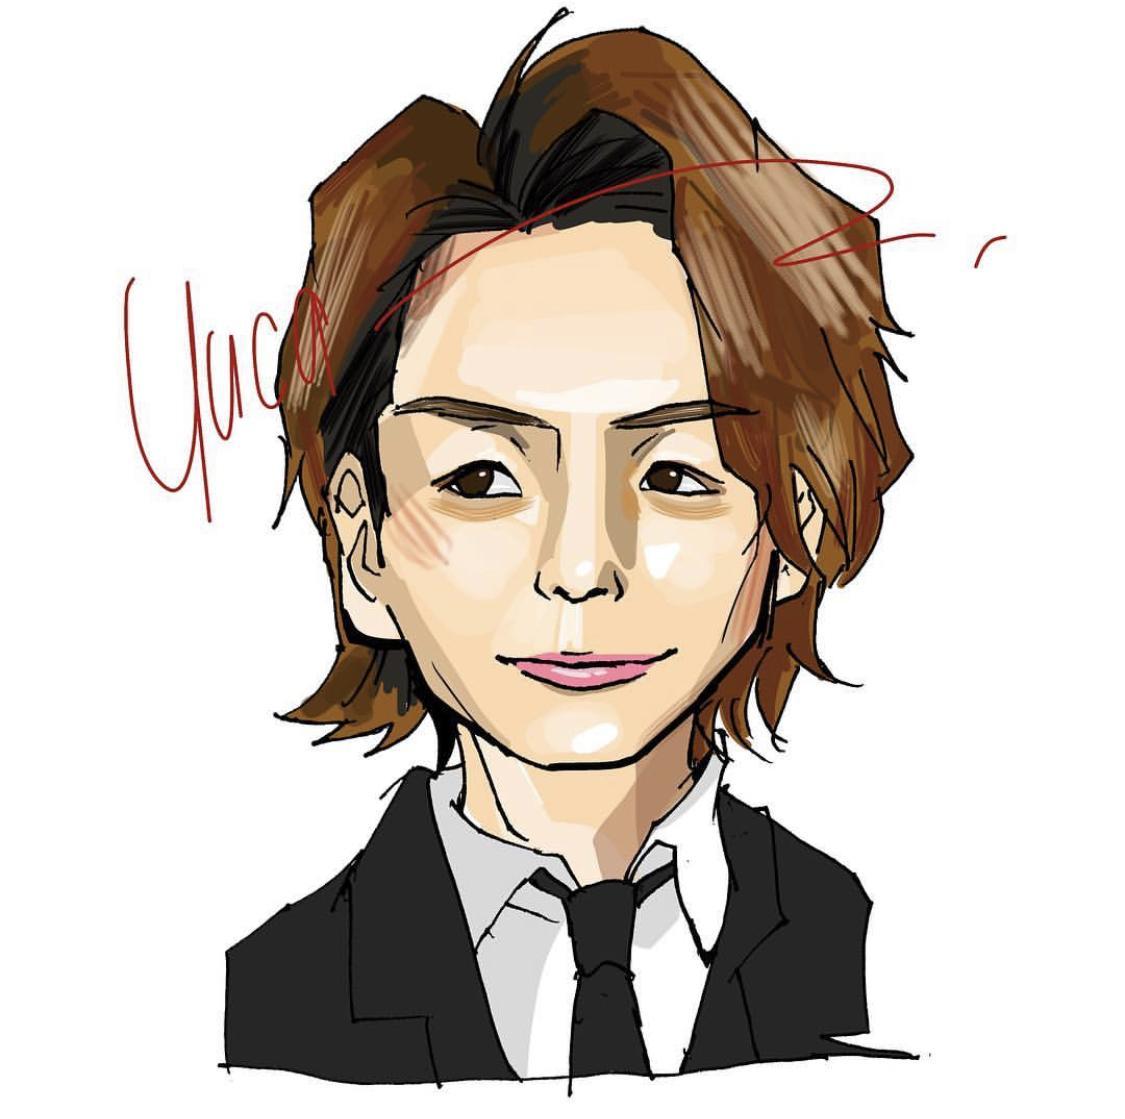 目を引くお洒落な似顔絵描きます 名刺に入れたり、SNS用のアイコンとしてご使用できます!